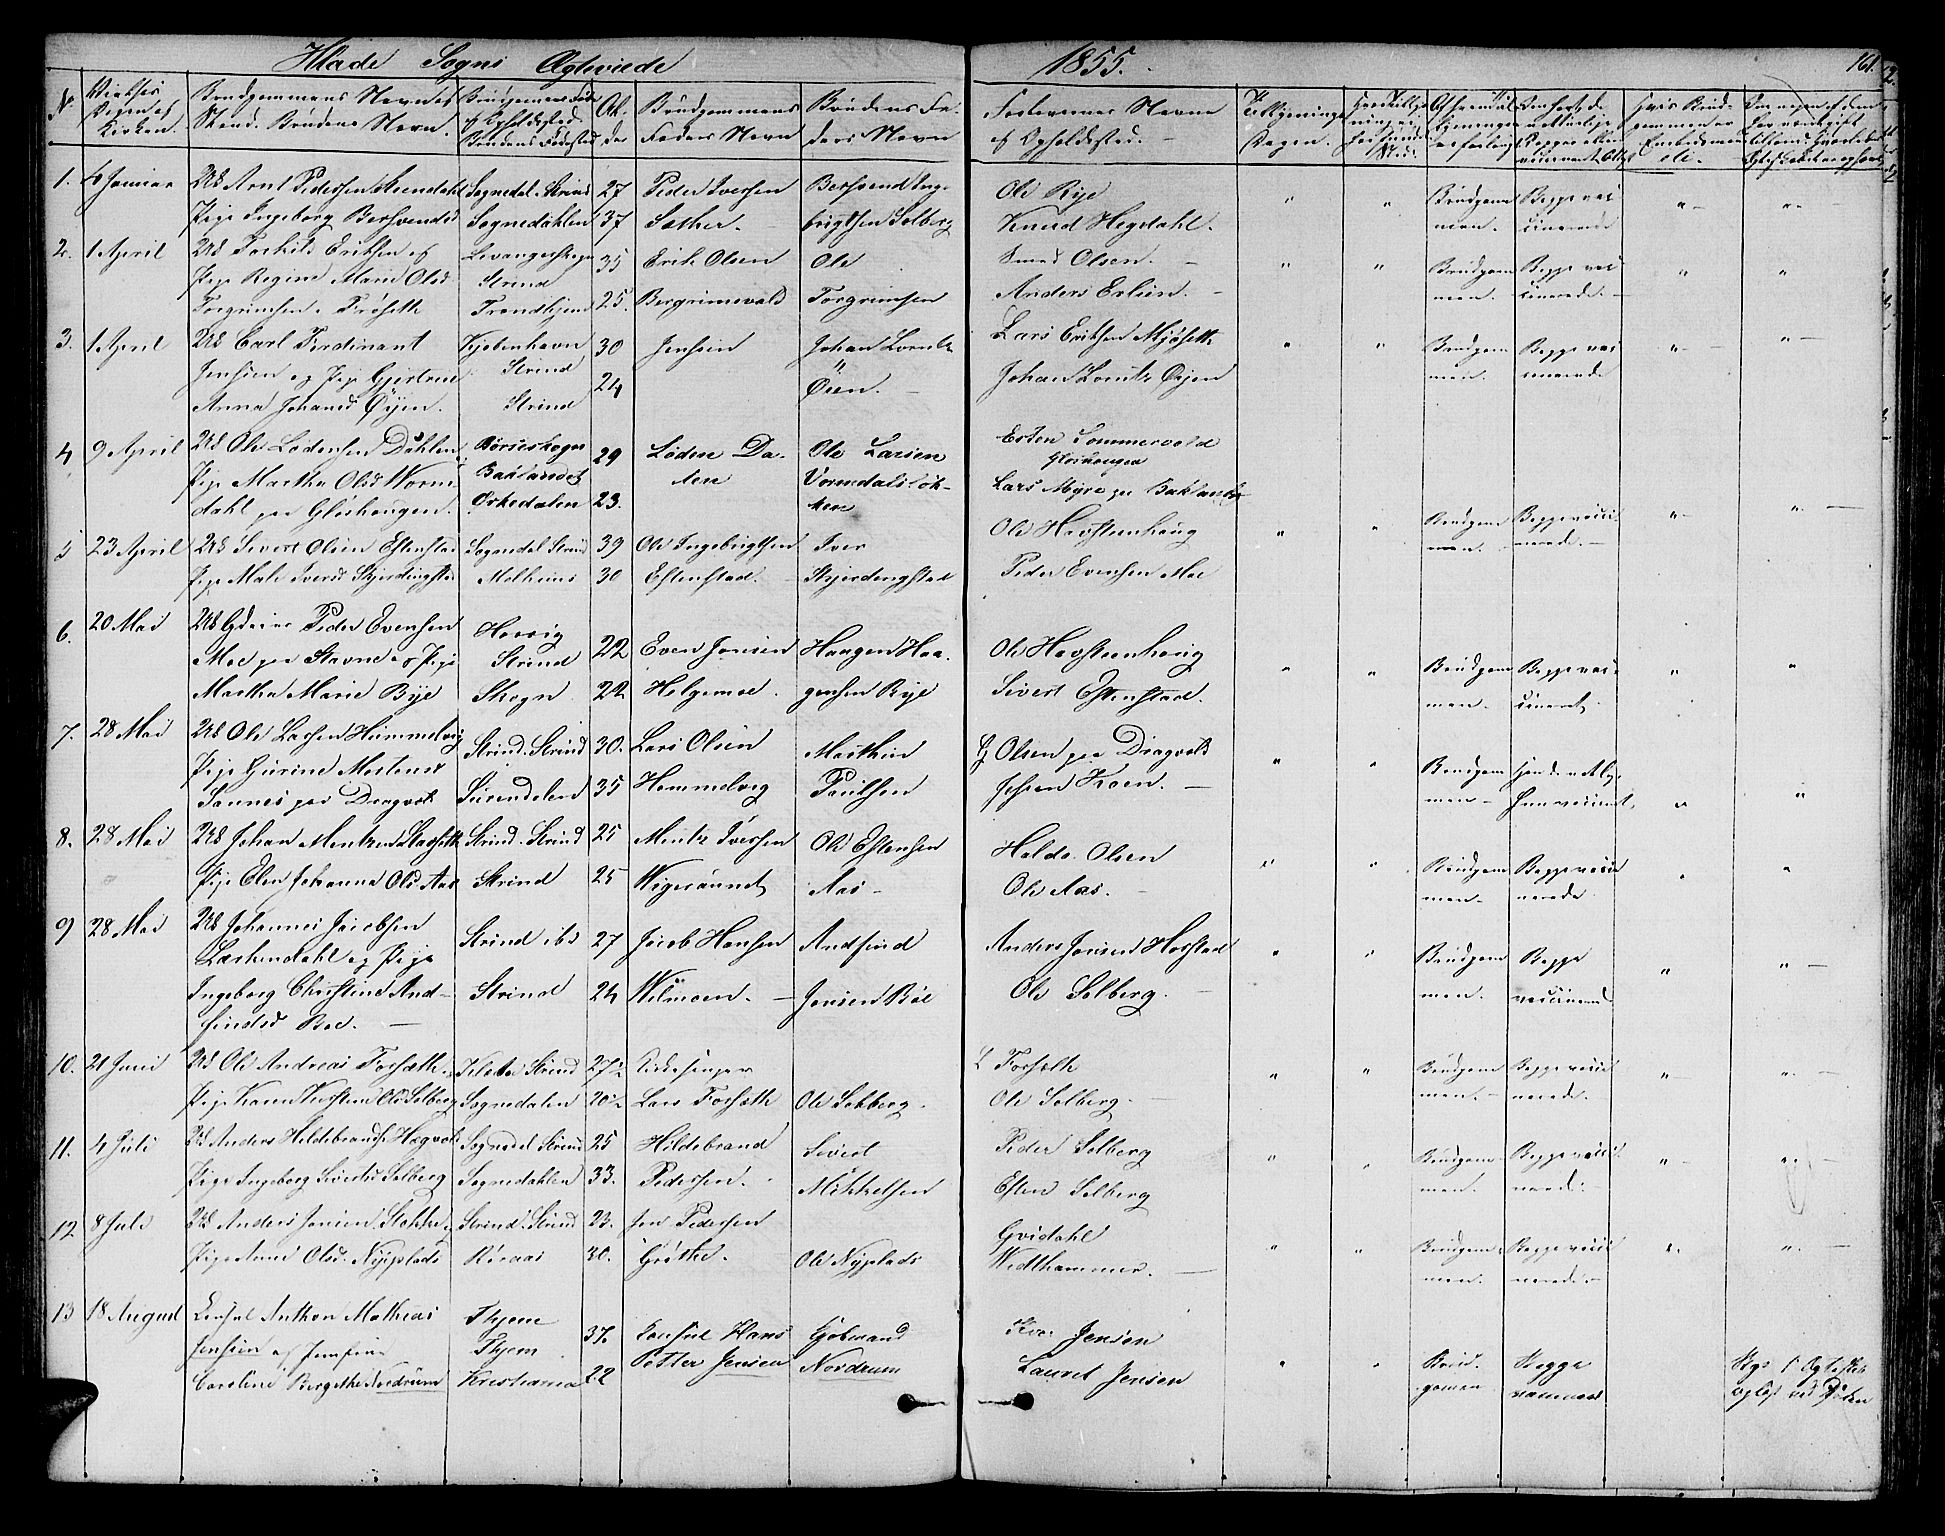 SAT, Ministerialprotokoller, klokkerbøker og fødselsregistre - Sør-Trøndelag, 606/L0310: Klokkerbok nr. 606C06, 1850-1859, s. 161